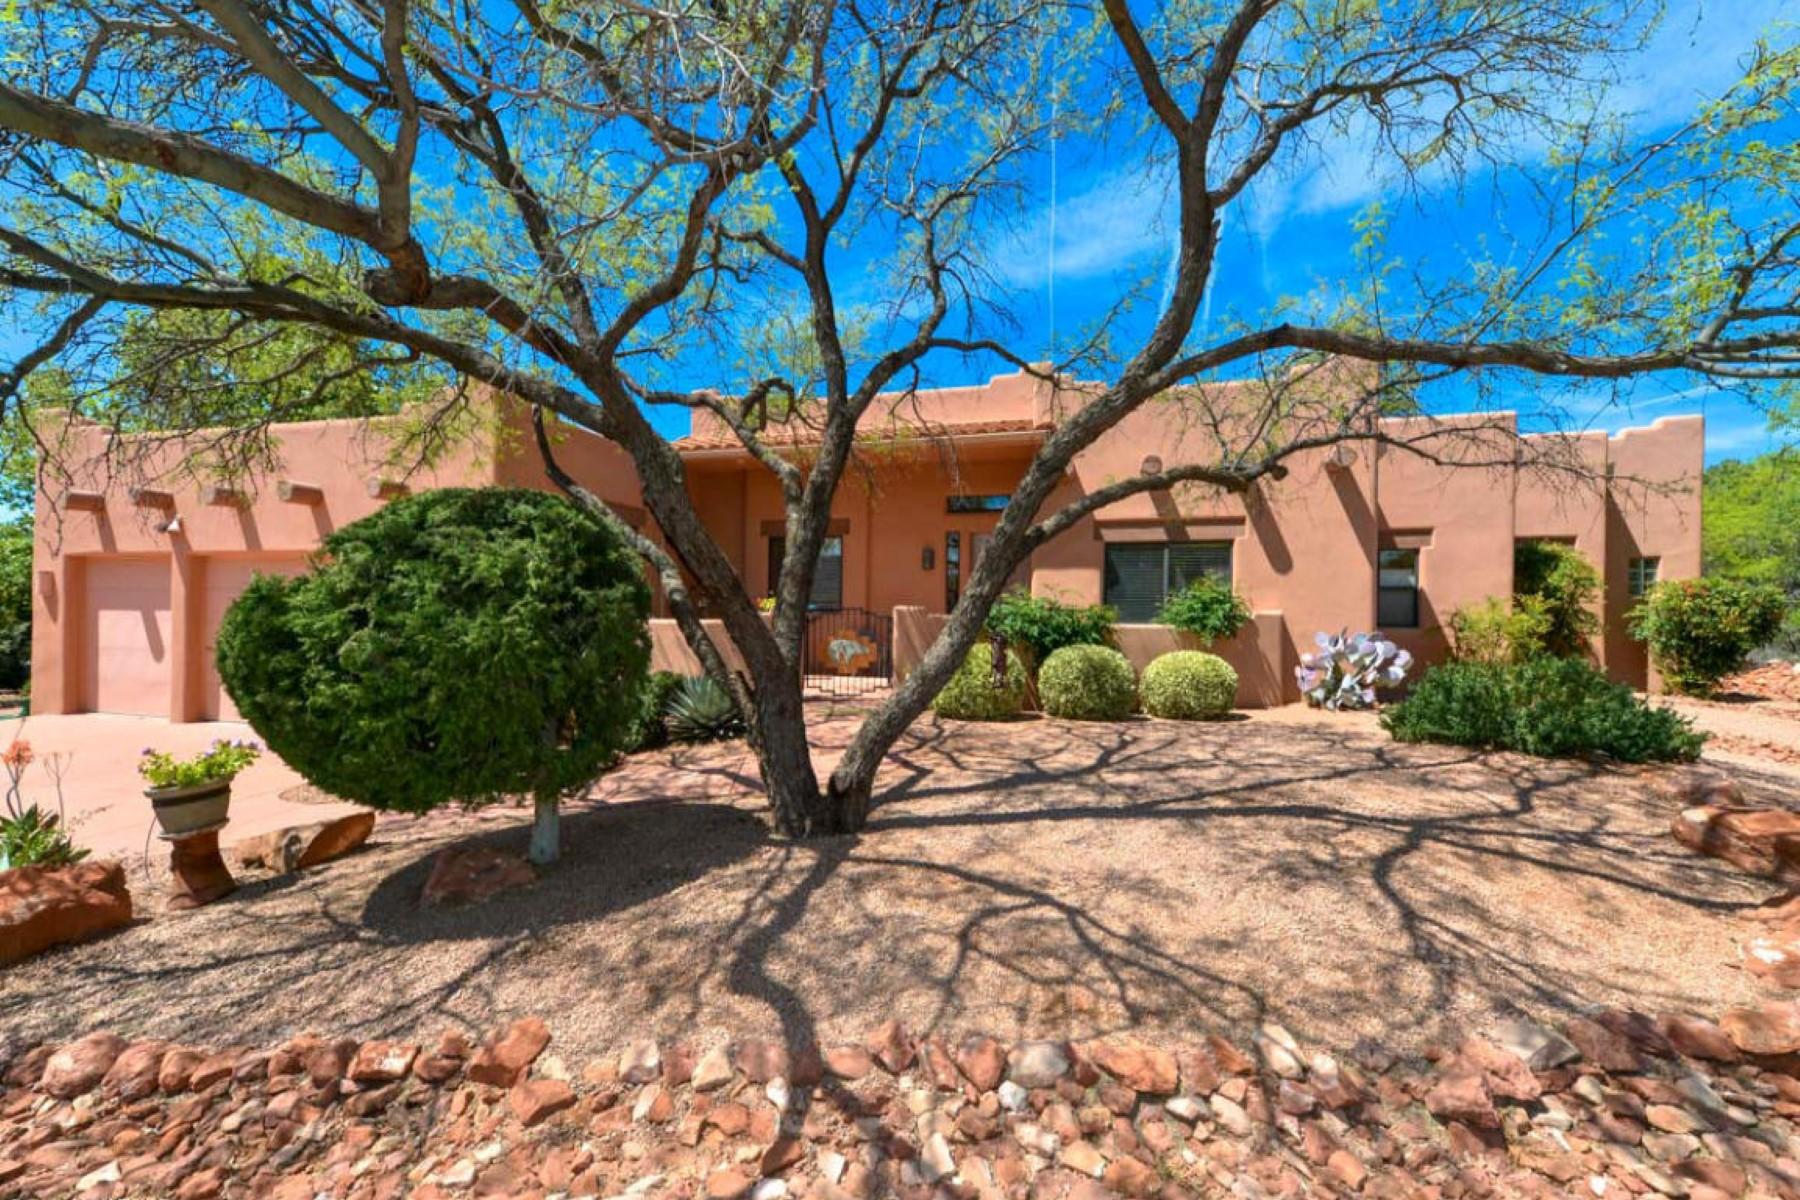 Частный односемейный дом для того Продажа на Single level home in quiet cul-de-sac 45 Table Top Drive Sedona, Аризона, 86351 Соединенные Штаты